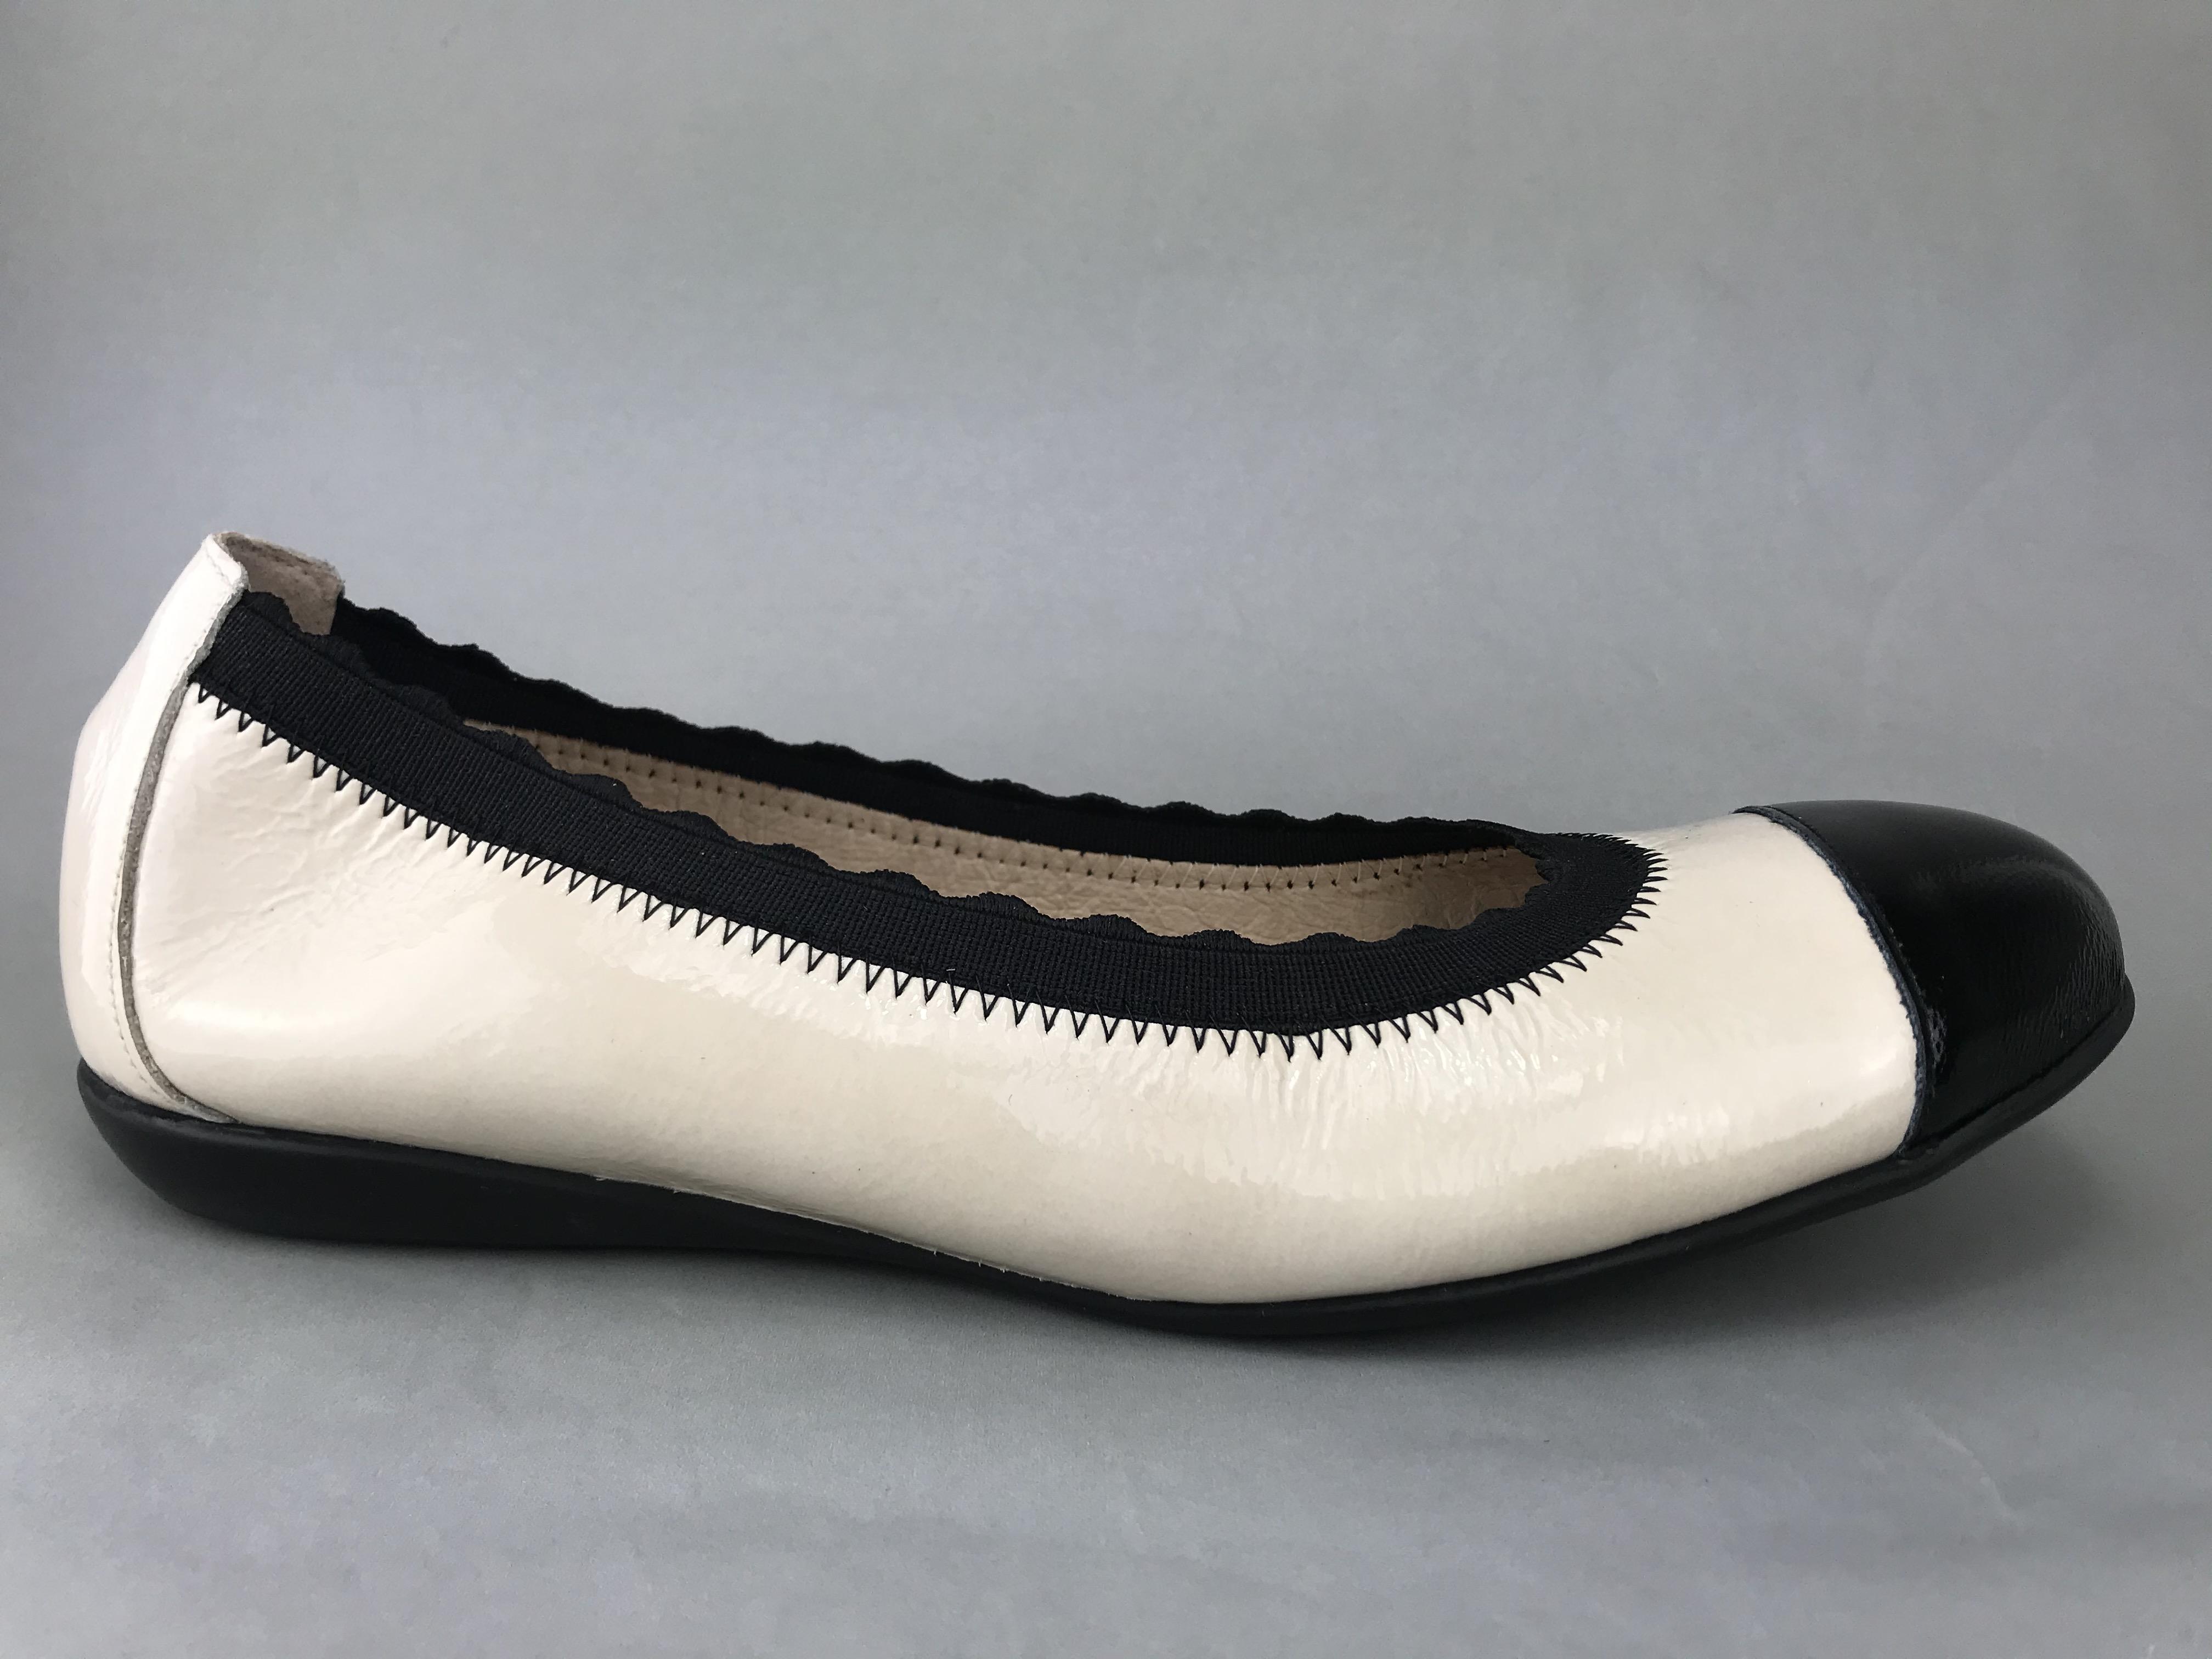 Wonders ballerina - beige/hvid og sort lak A-6170 - DAME